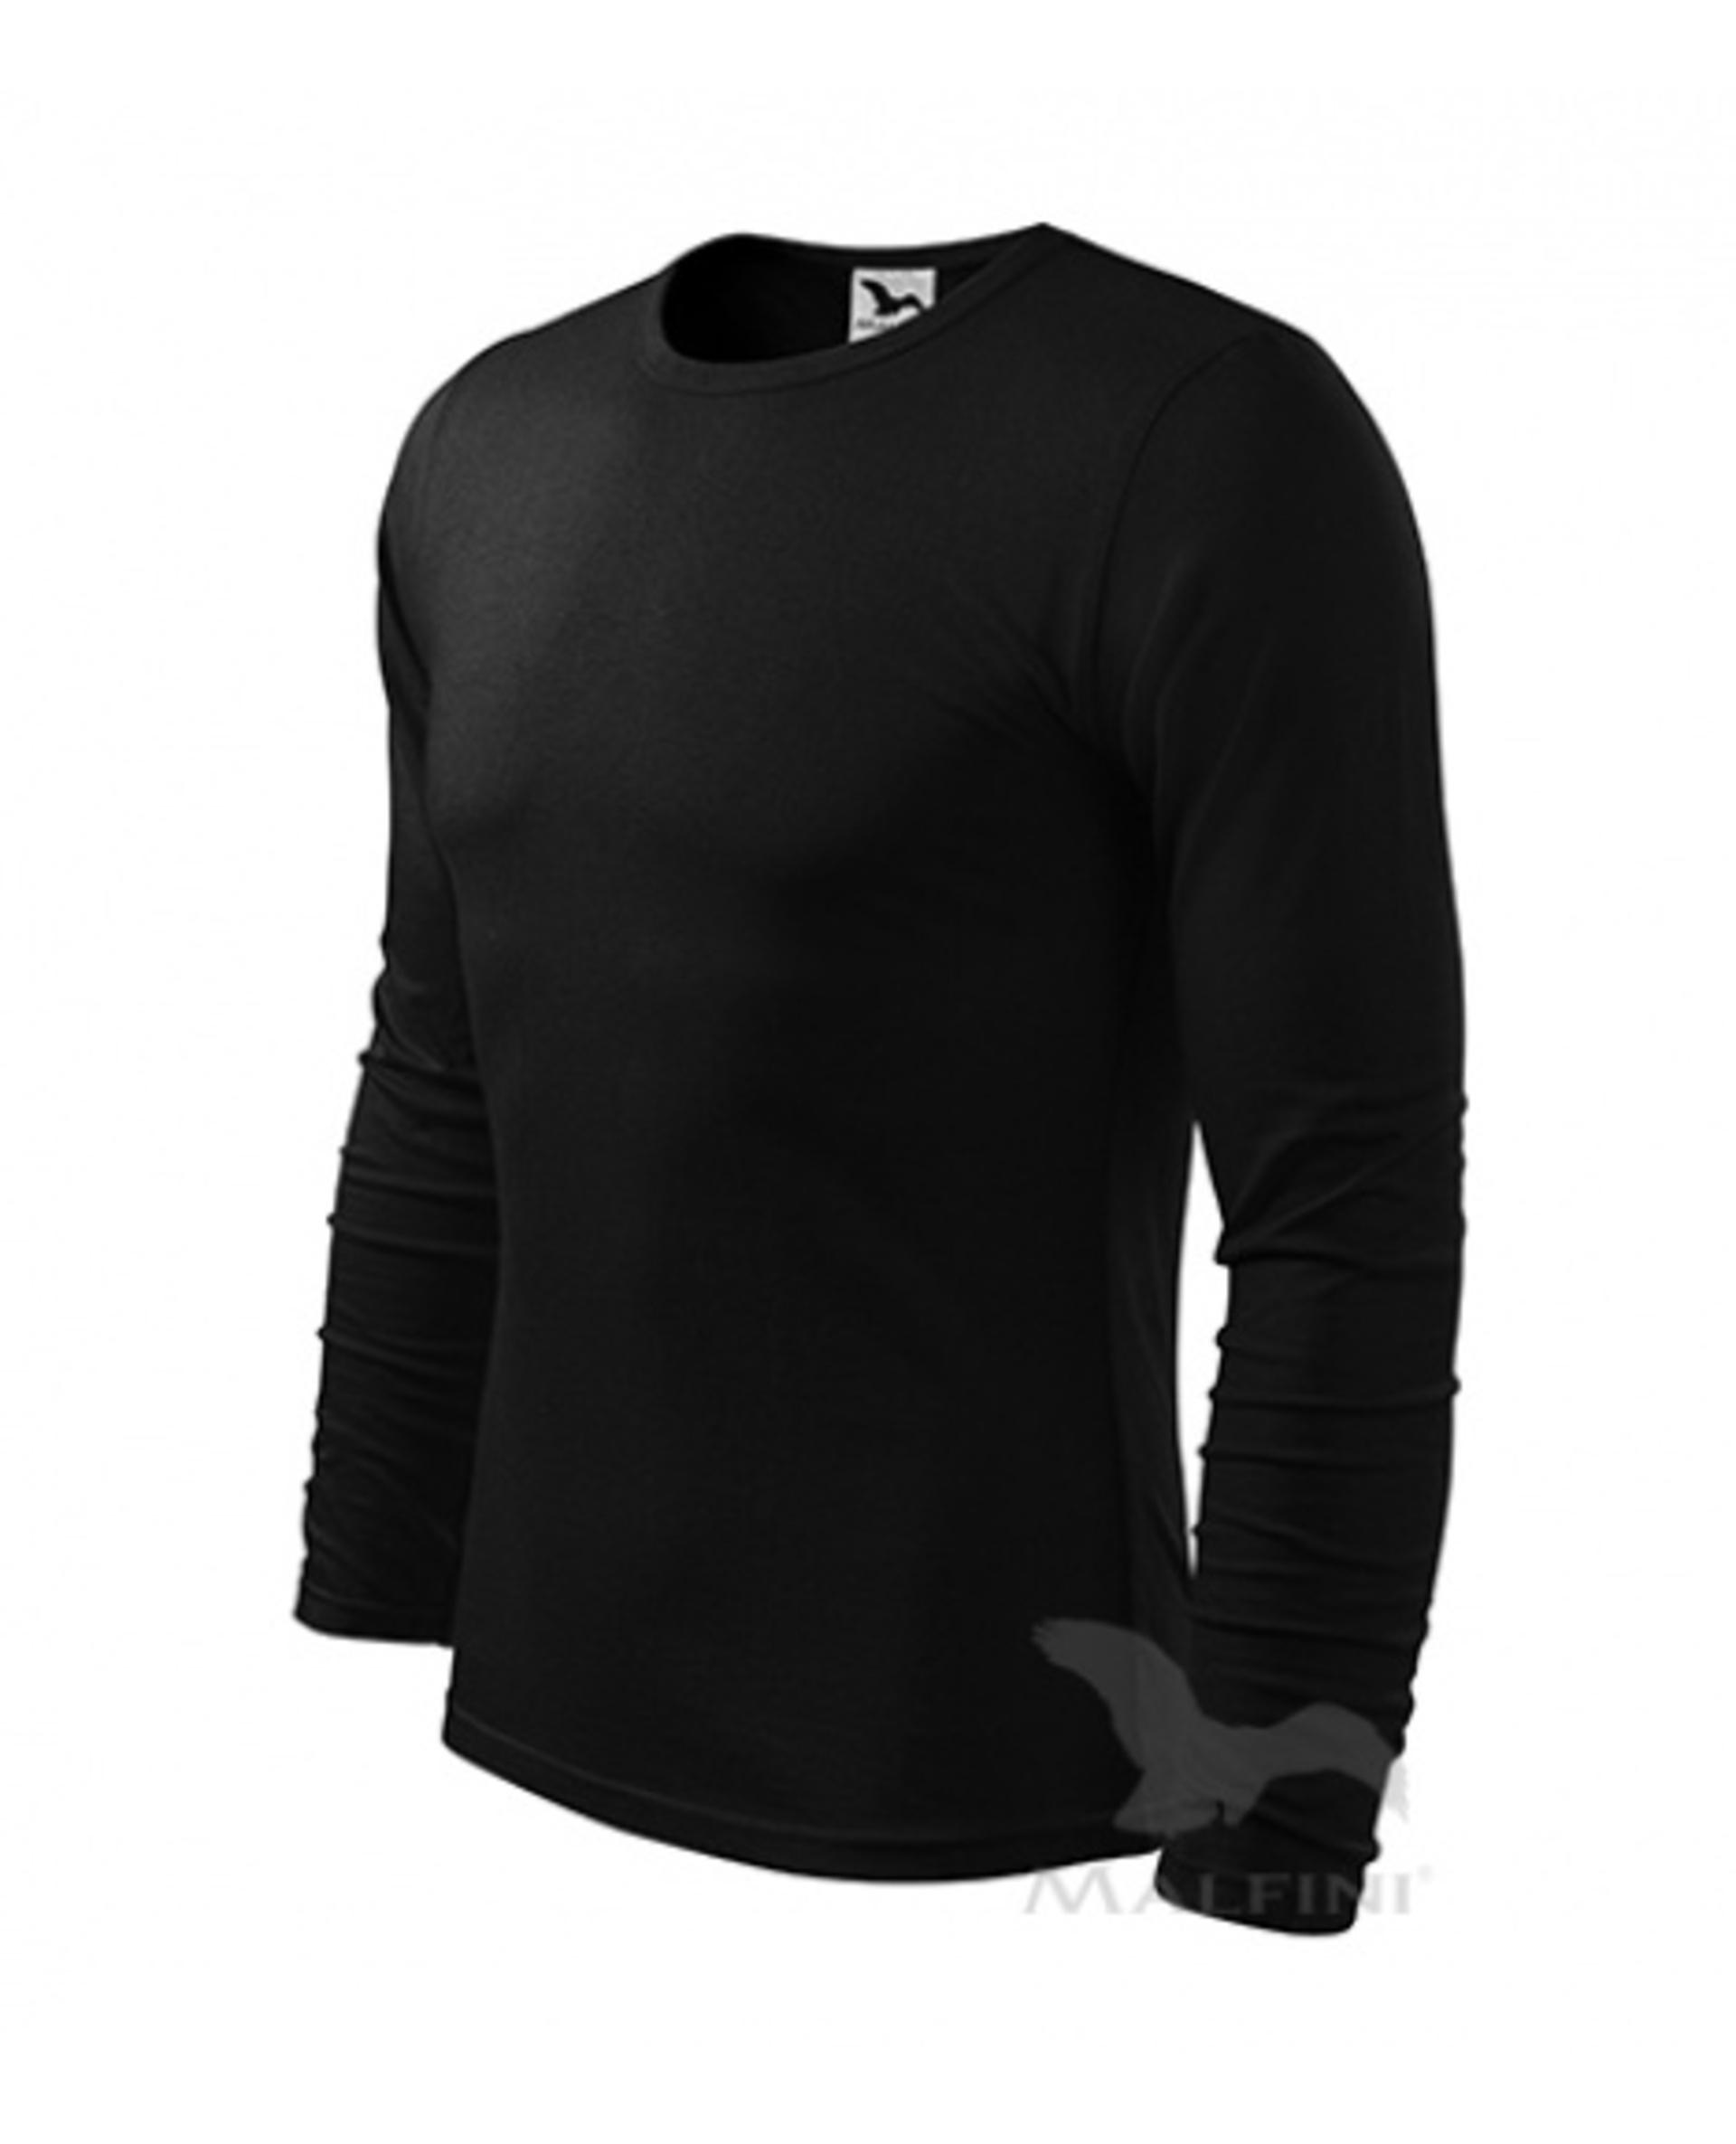 ADLER FIT-T LONG SLEEVE pánské dlouhý rukáv Tričko černá S